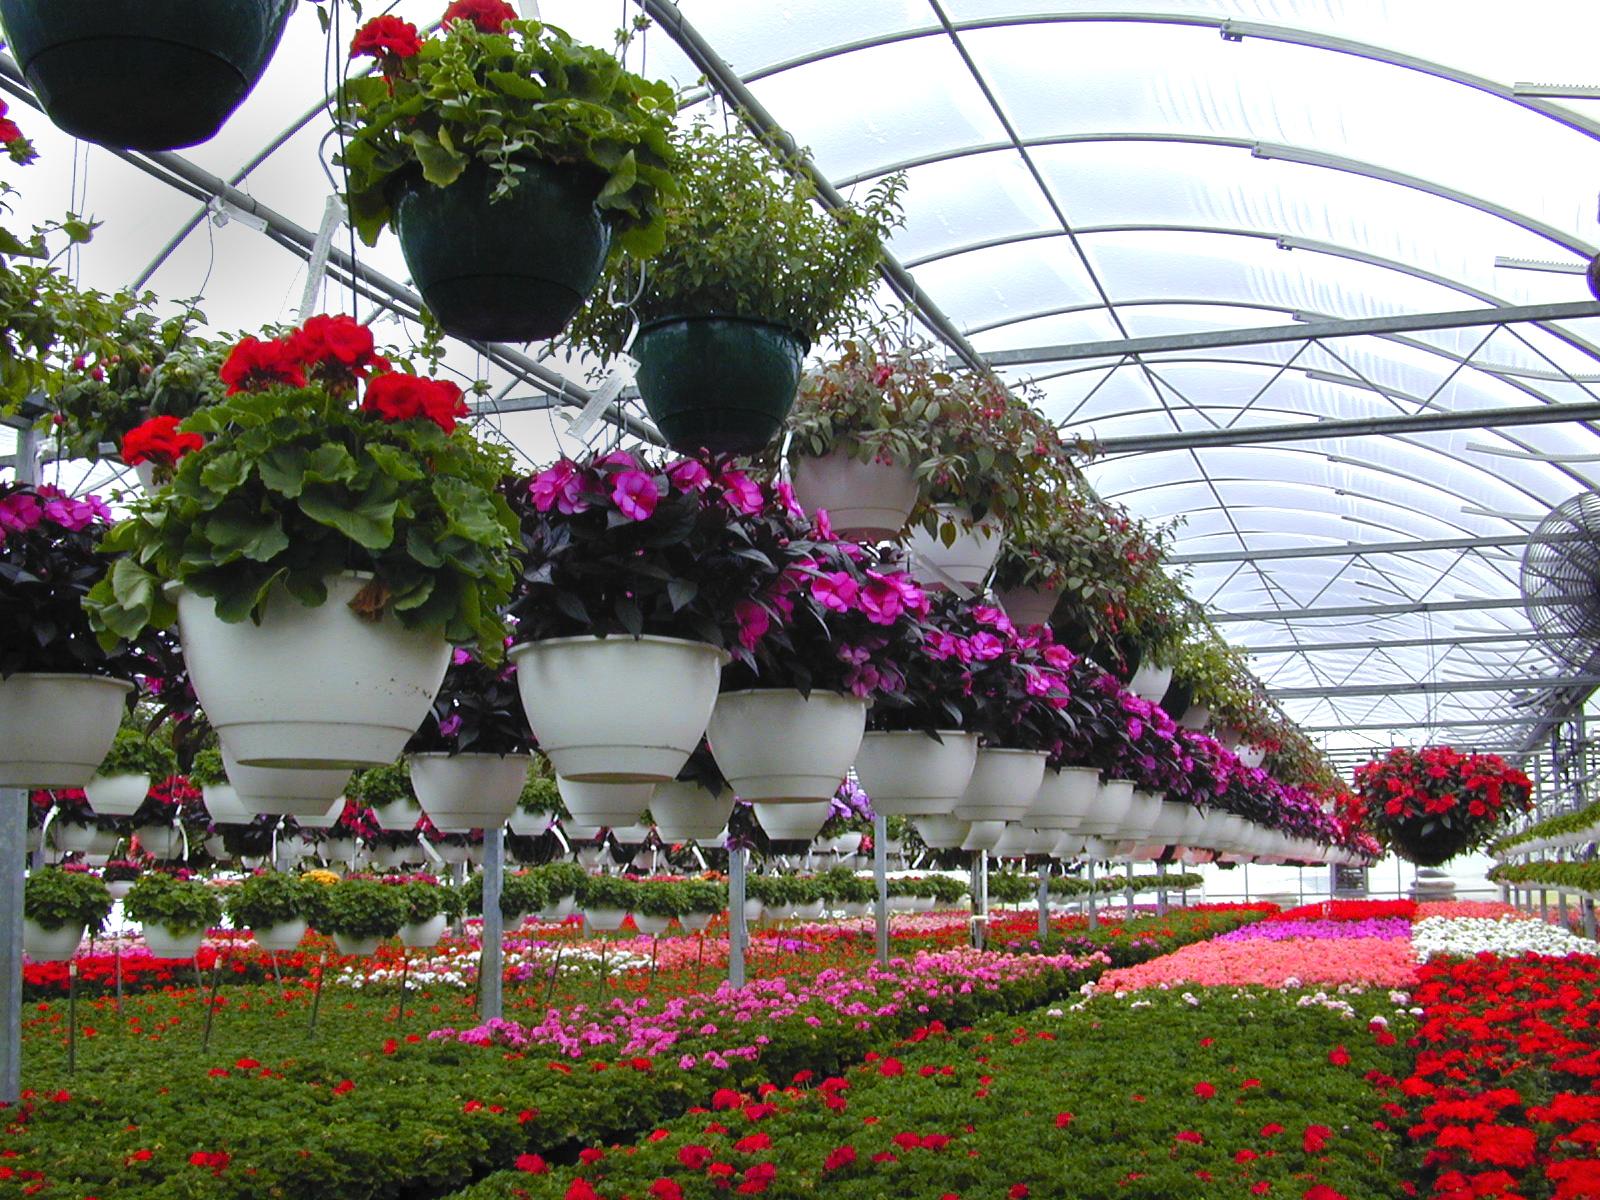 Floricultura - Wikipedia, la enciclopedia libre